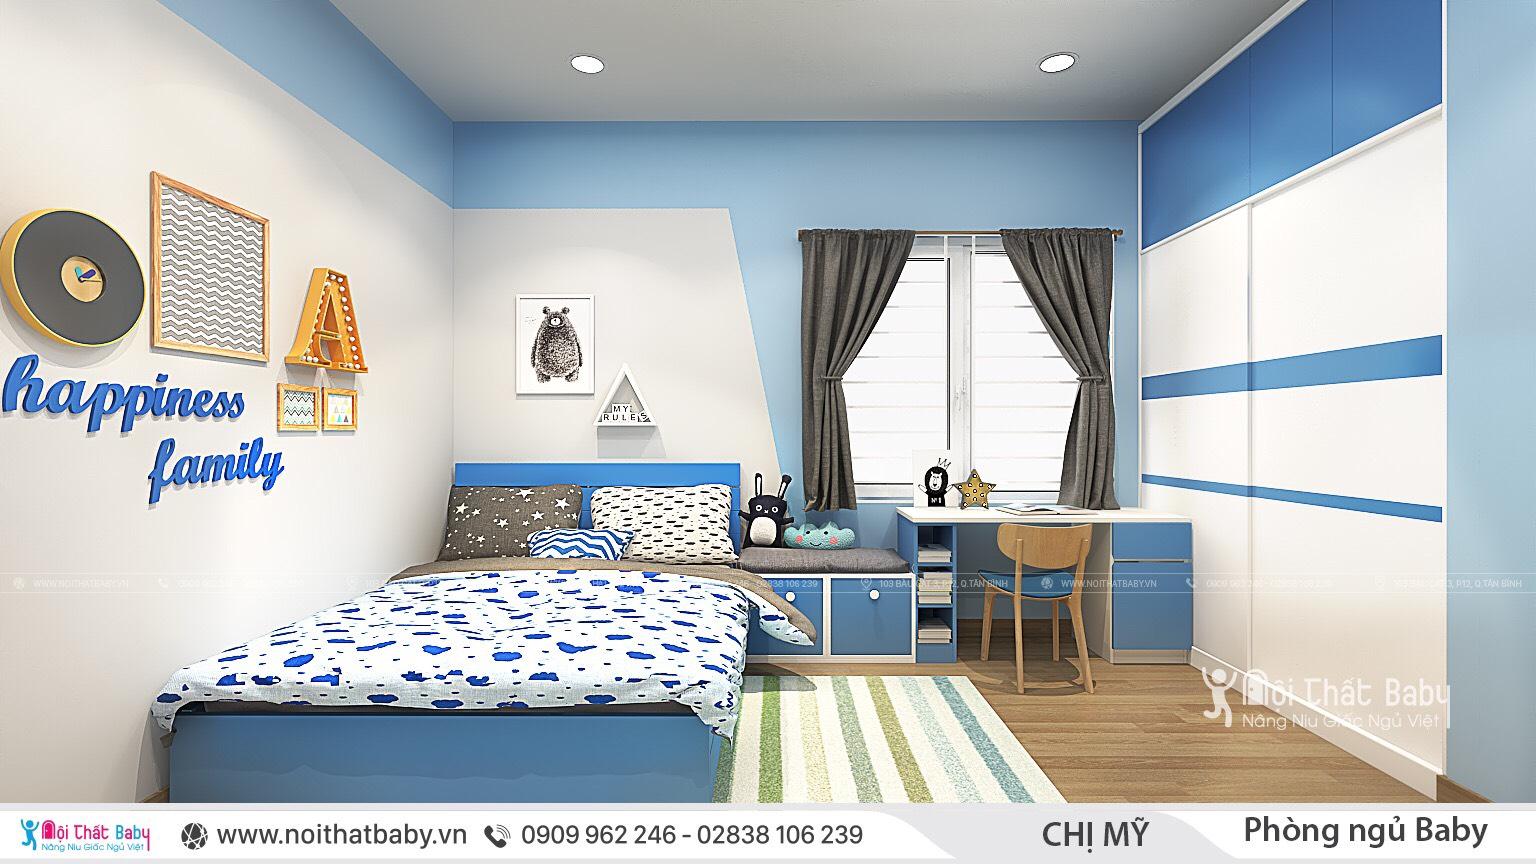 Tổng hợp những mẫu phòng ngủ cho bé trai